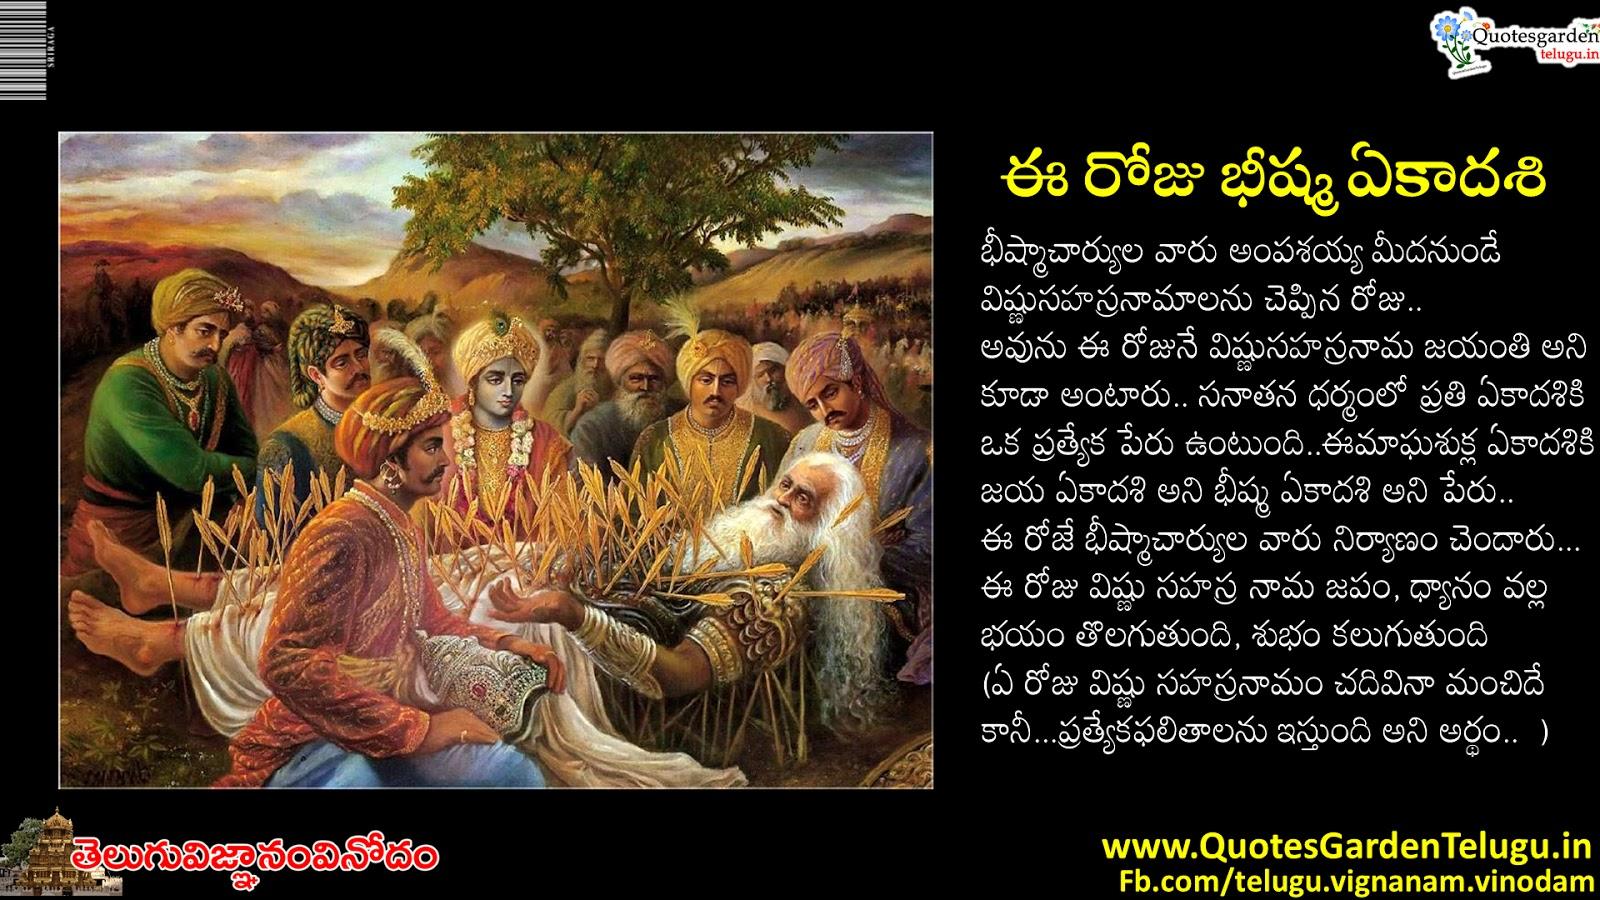 bheeshma-ekadashi-vishnu-sahasra-nama-jayanthi-information-in-telugu-quotes-greetings-messages